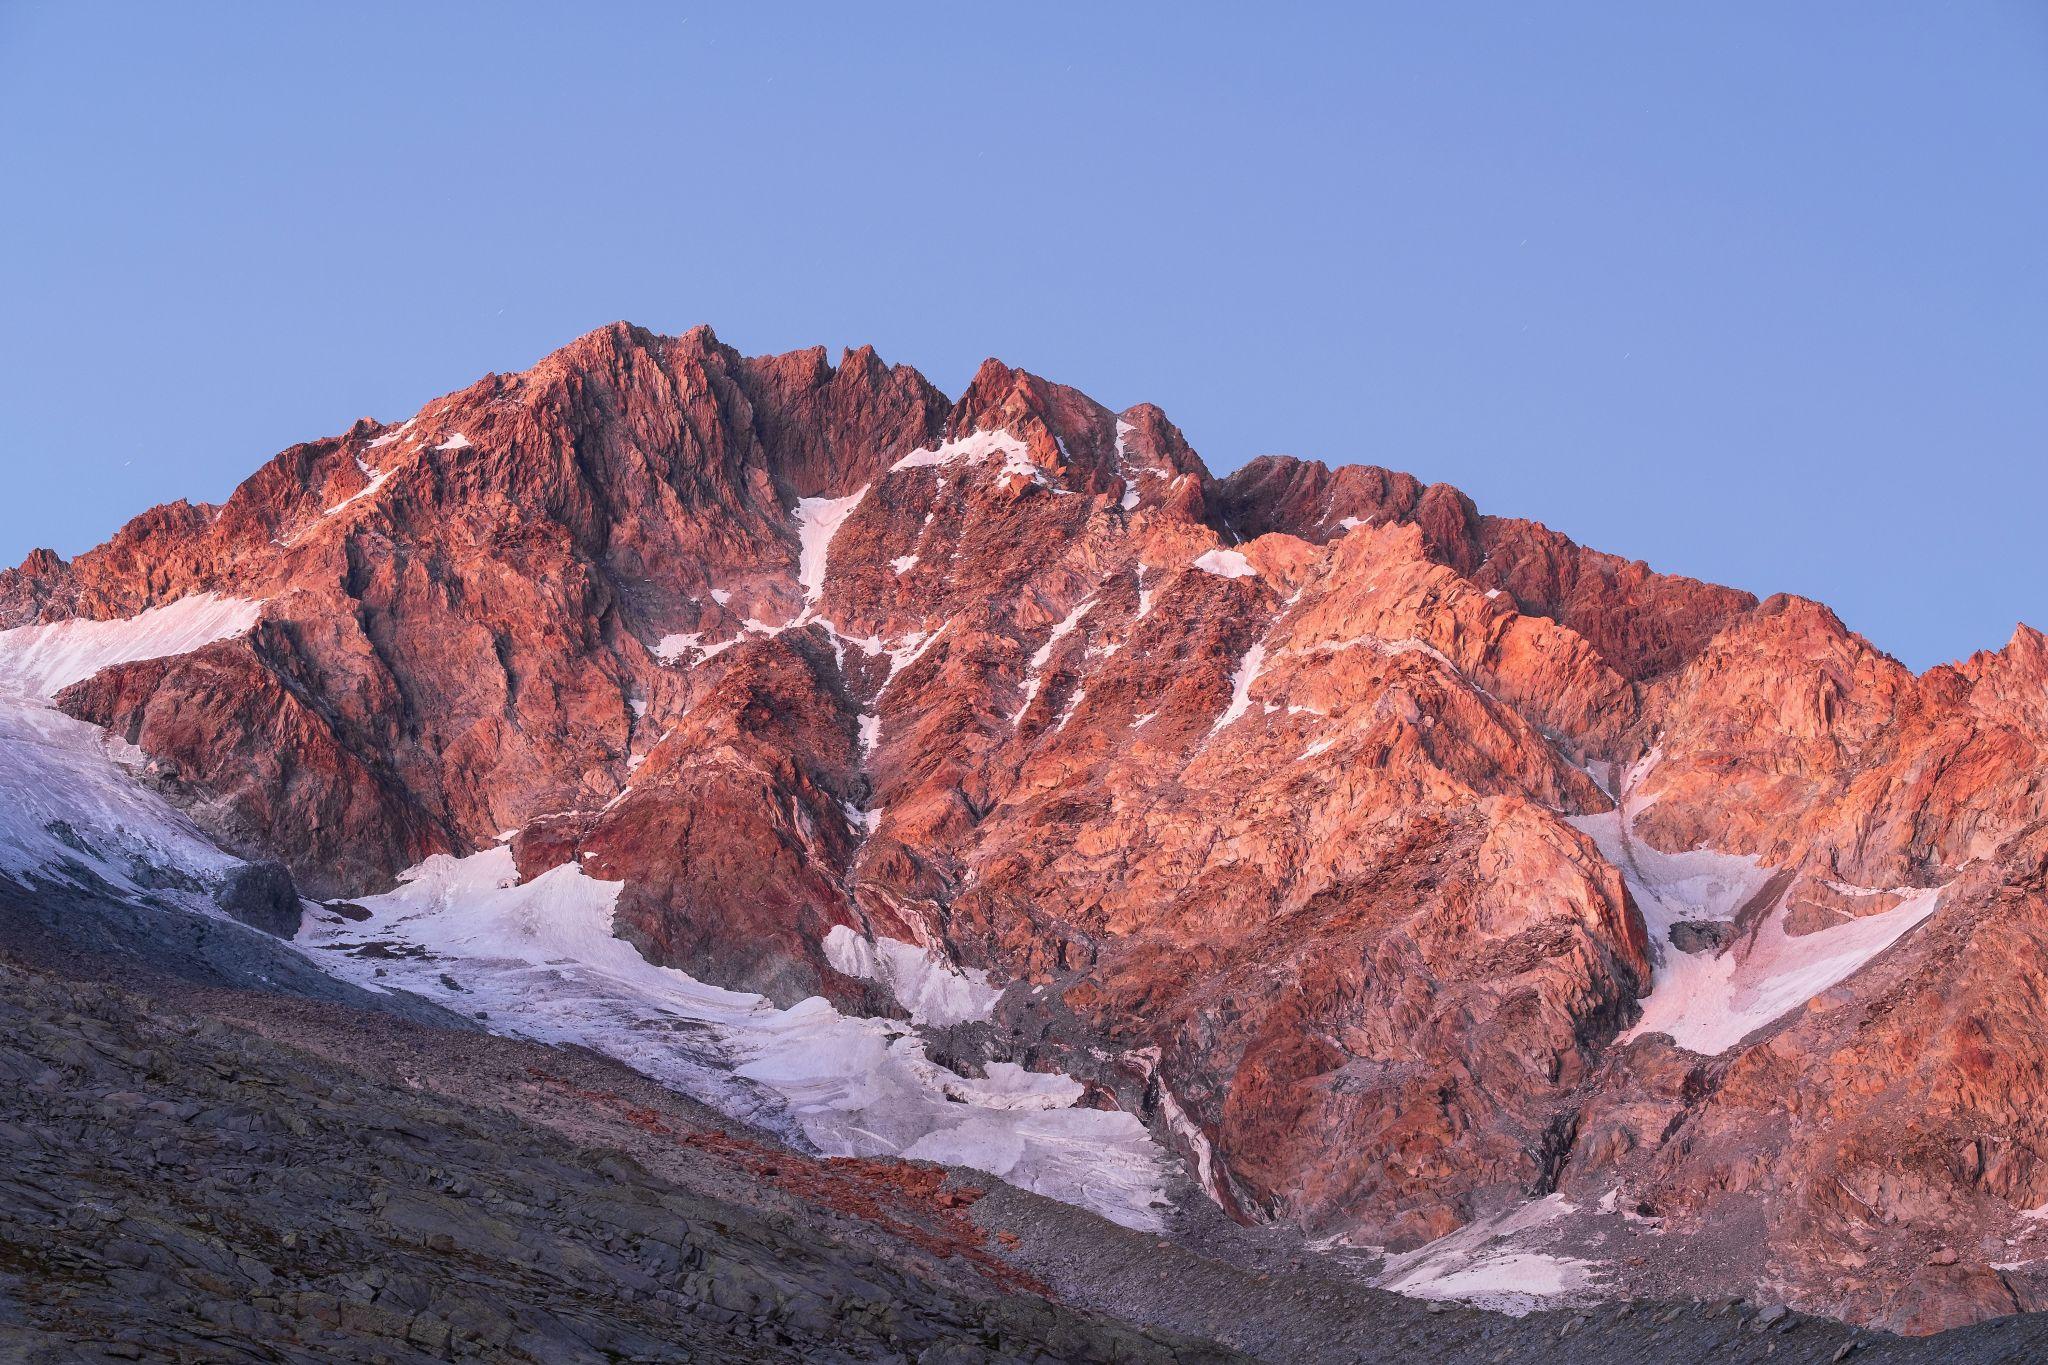 Monte Disgrazia 3678m, Italy